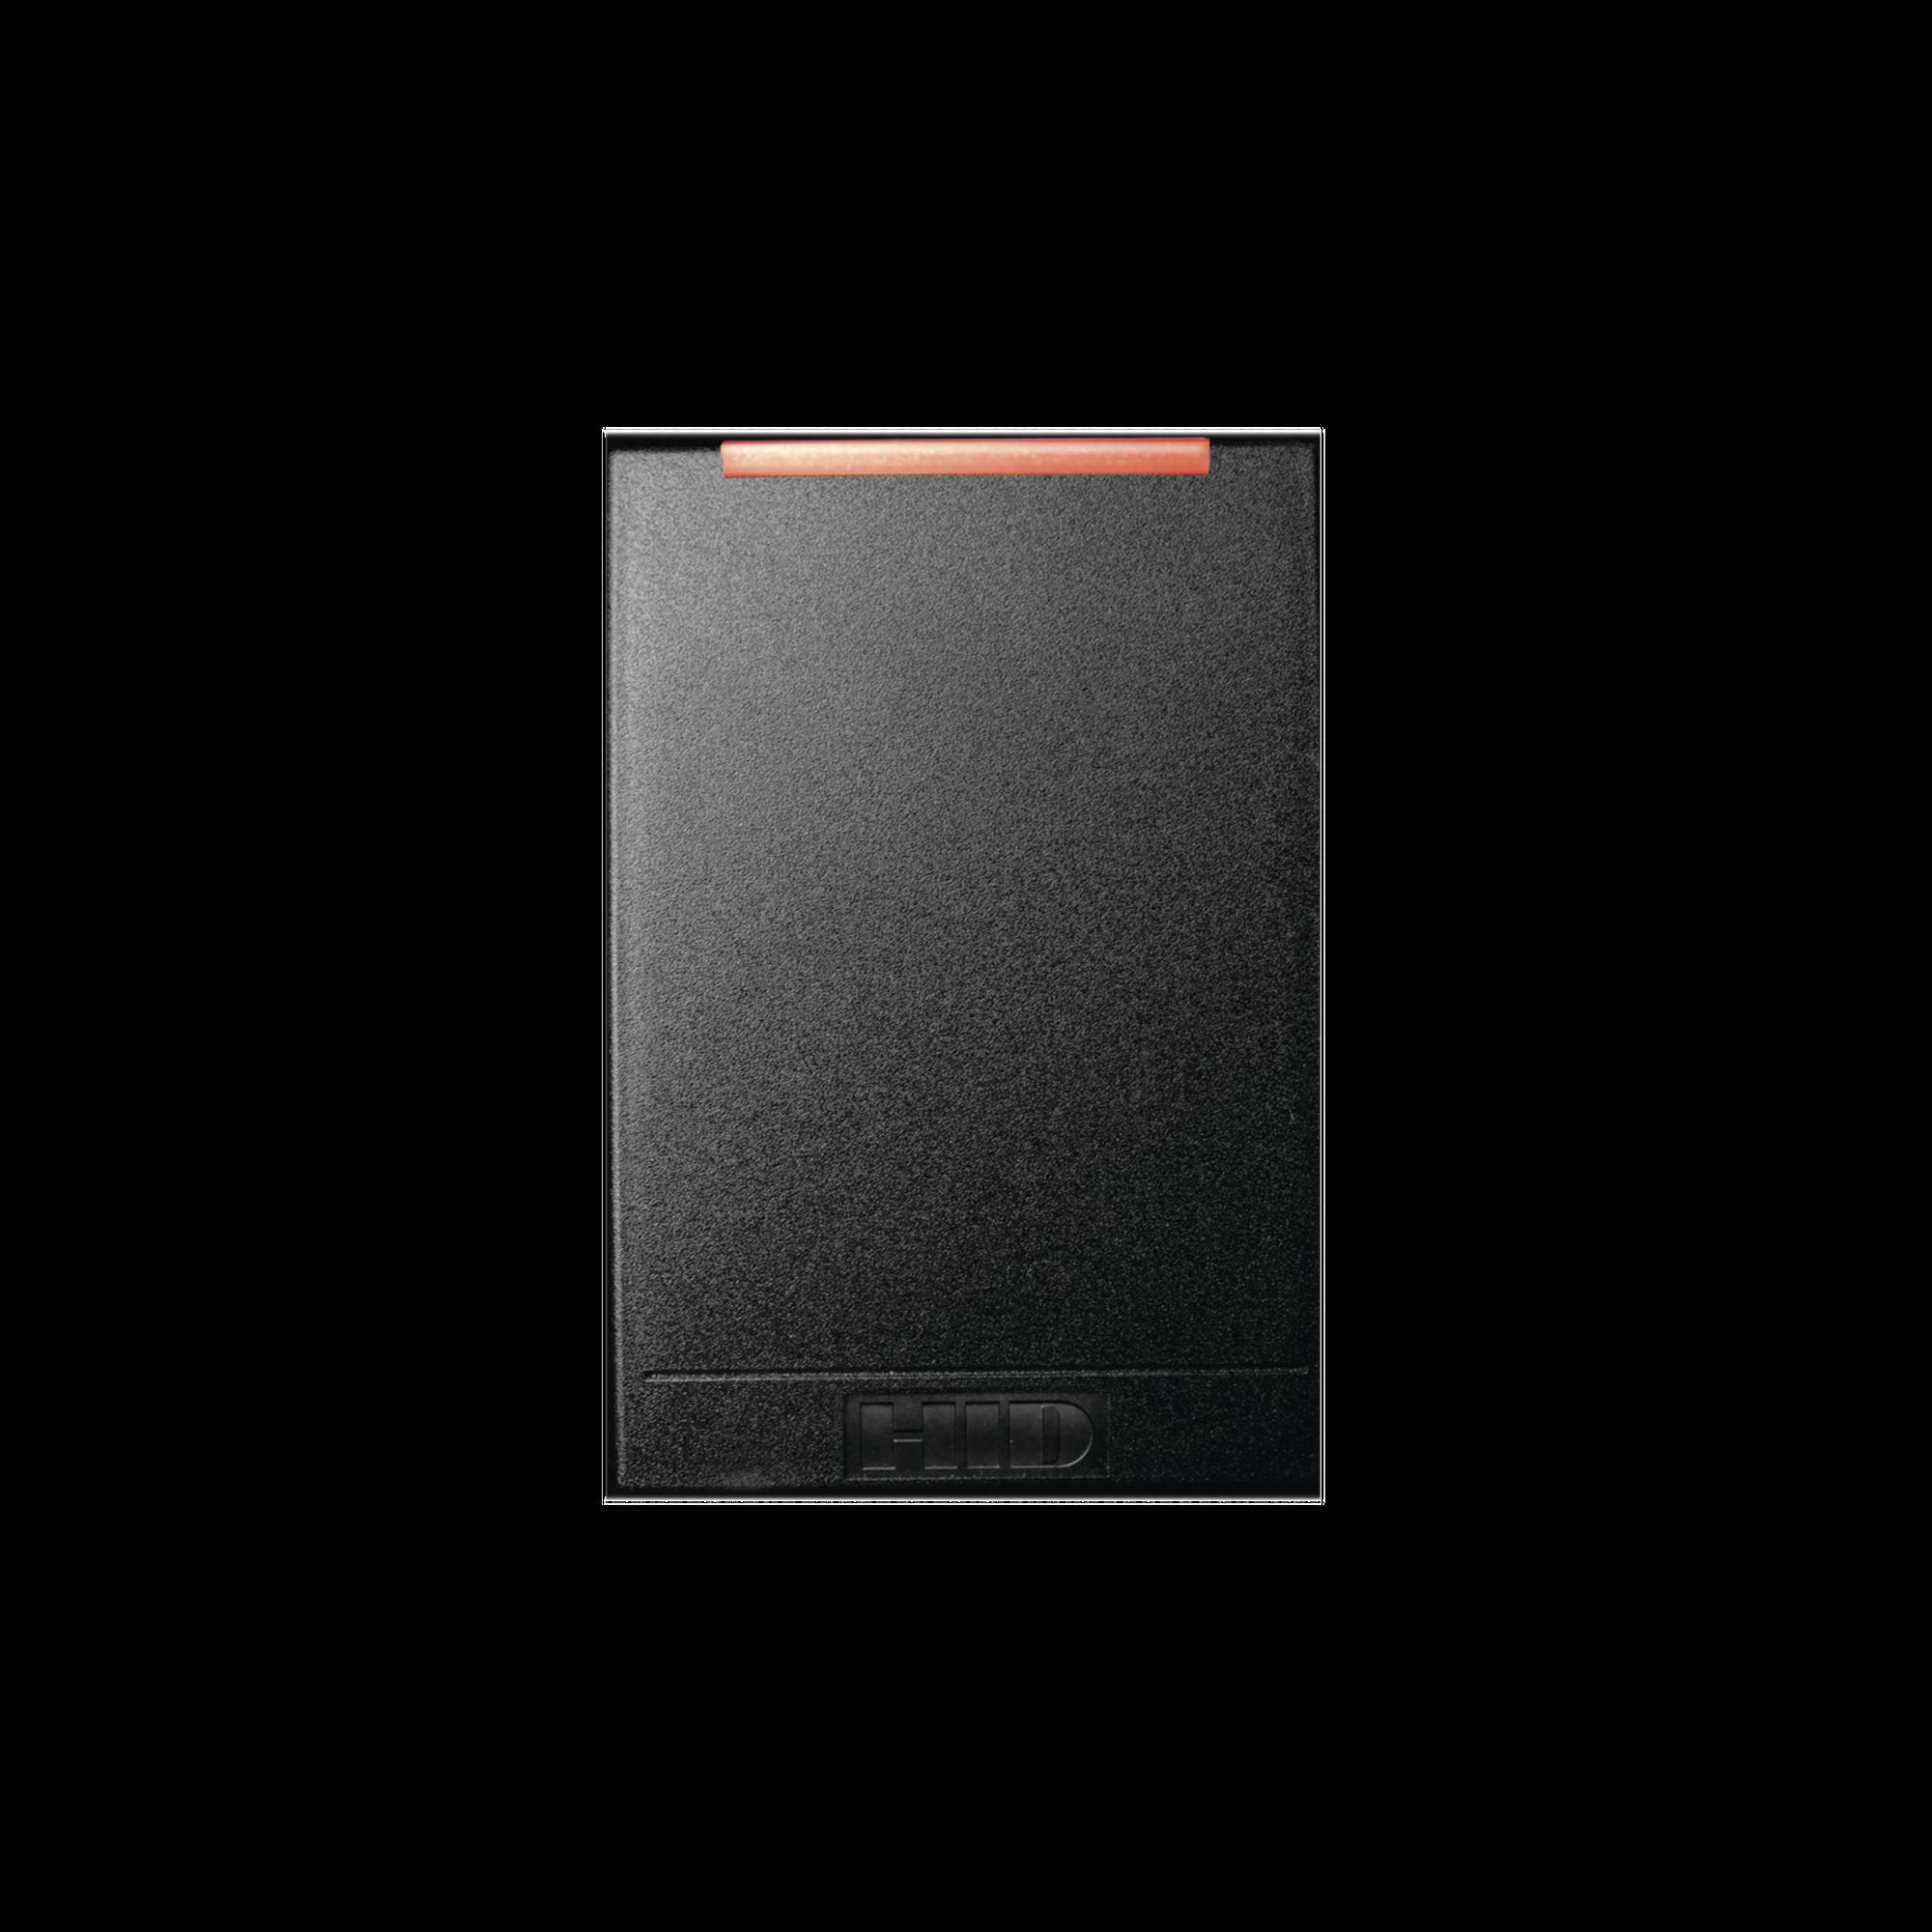 Lector R40 Multiformato/ Garantía de Por Vida/ CSN 34 BIts/ iCLASS Seos, iCLASS SE, iCLASS SR, iCLASS, MIFARE Classic (SIO),MIFARE DESFire EV1, Mobile IDs via NFC, ISO14443 UID.